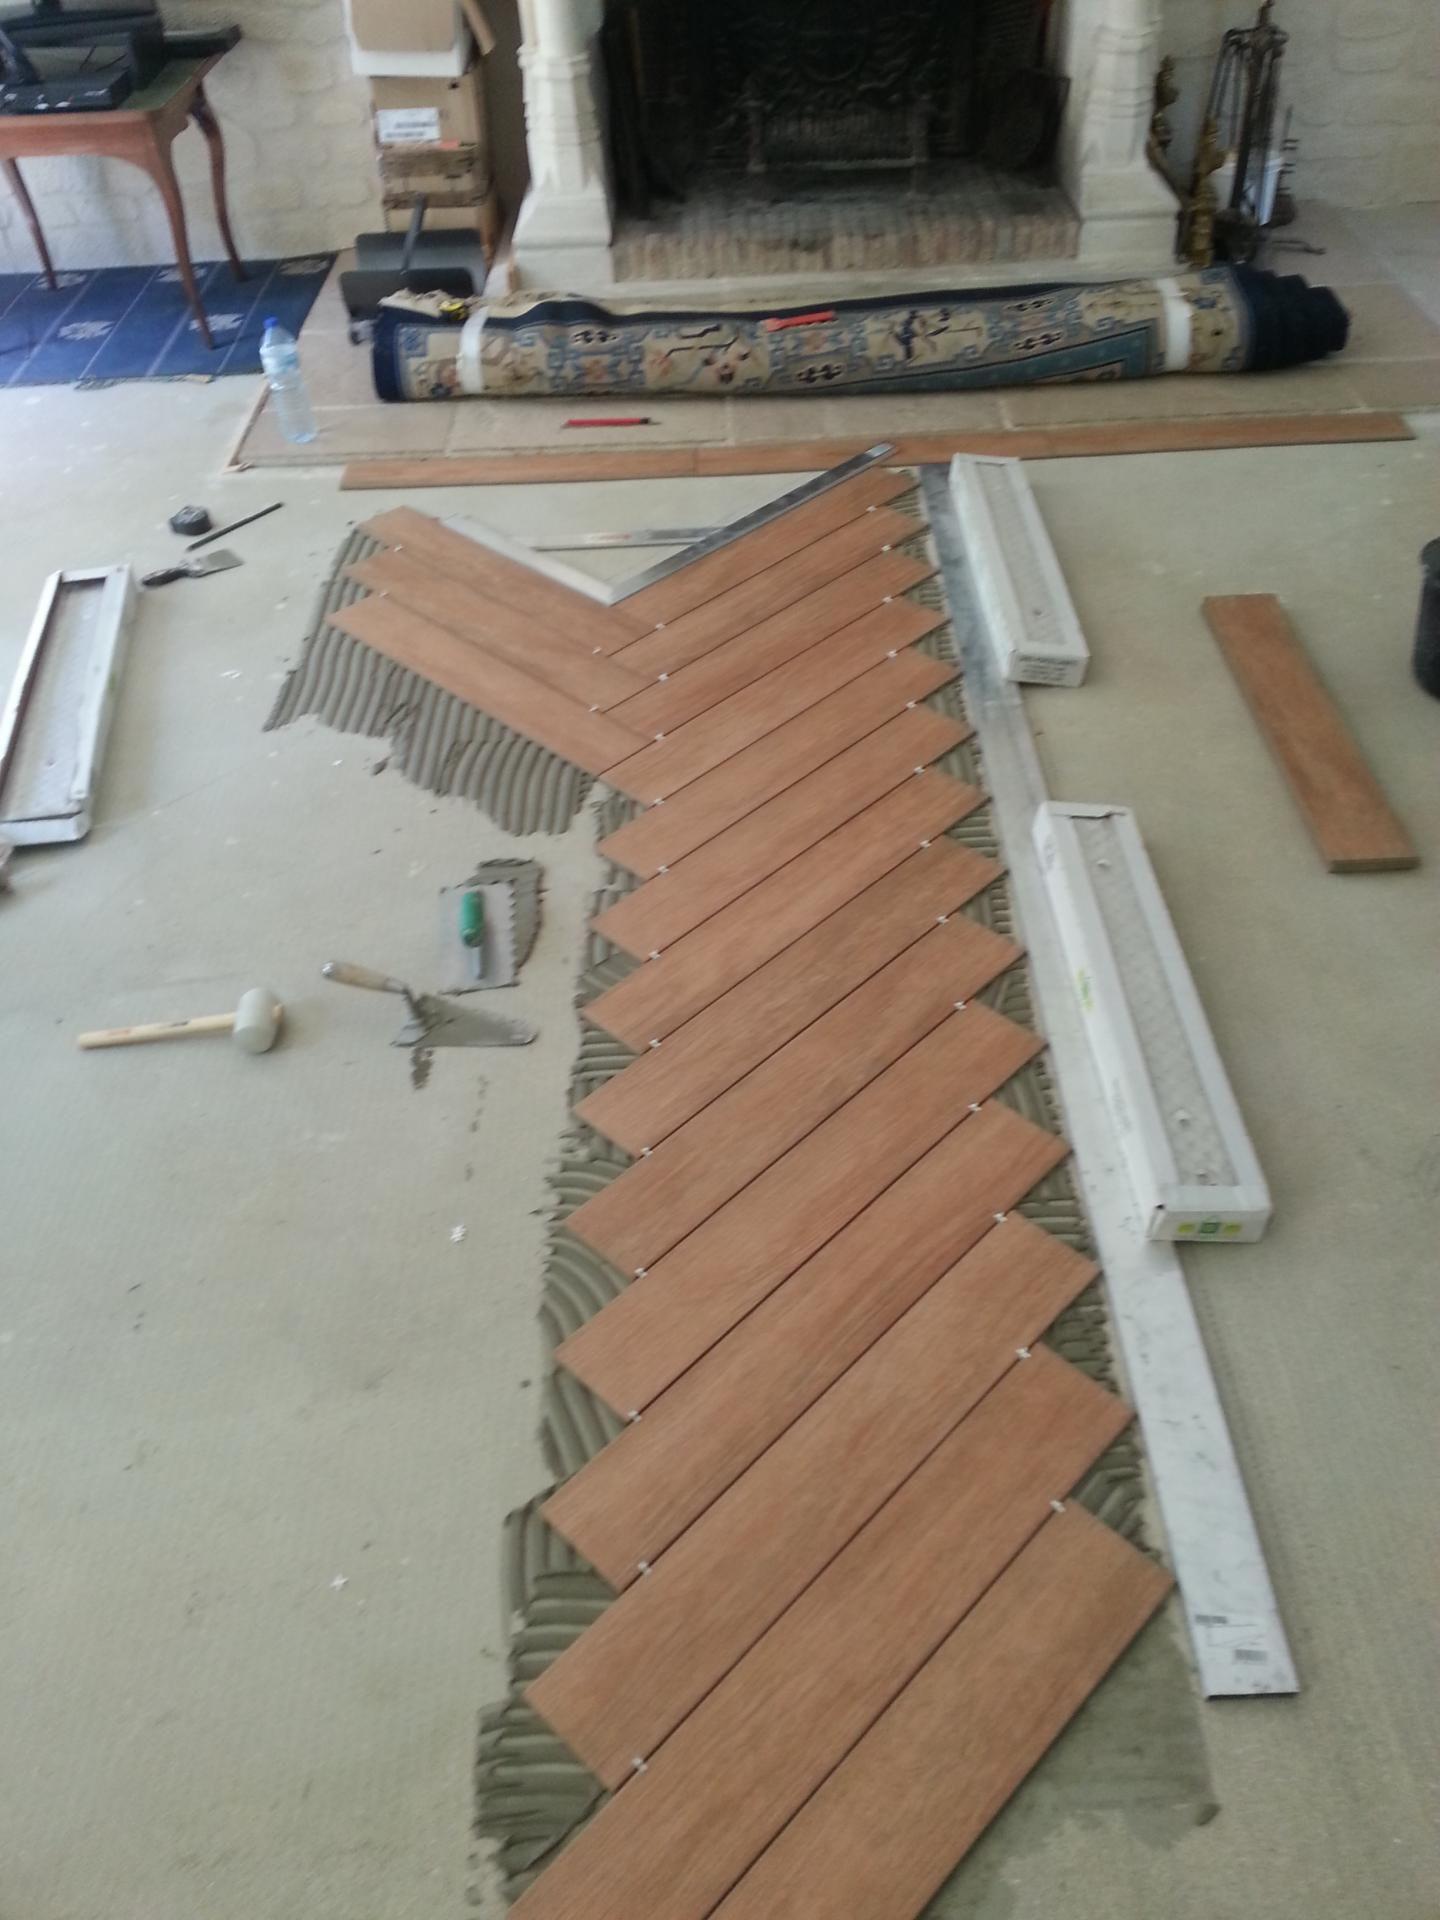 Pose De Carrelage En Chevron Bt Reno Carreleur Oise Patio Flooring Outdoor Patio Designs Rustic Patio